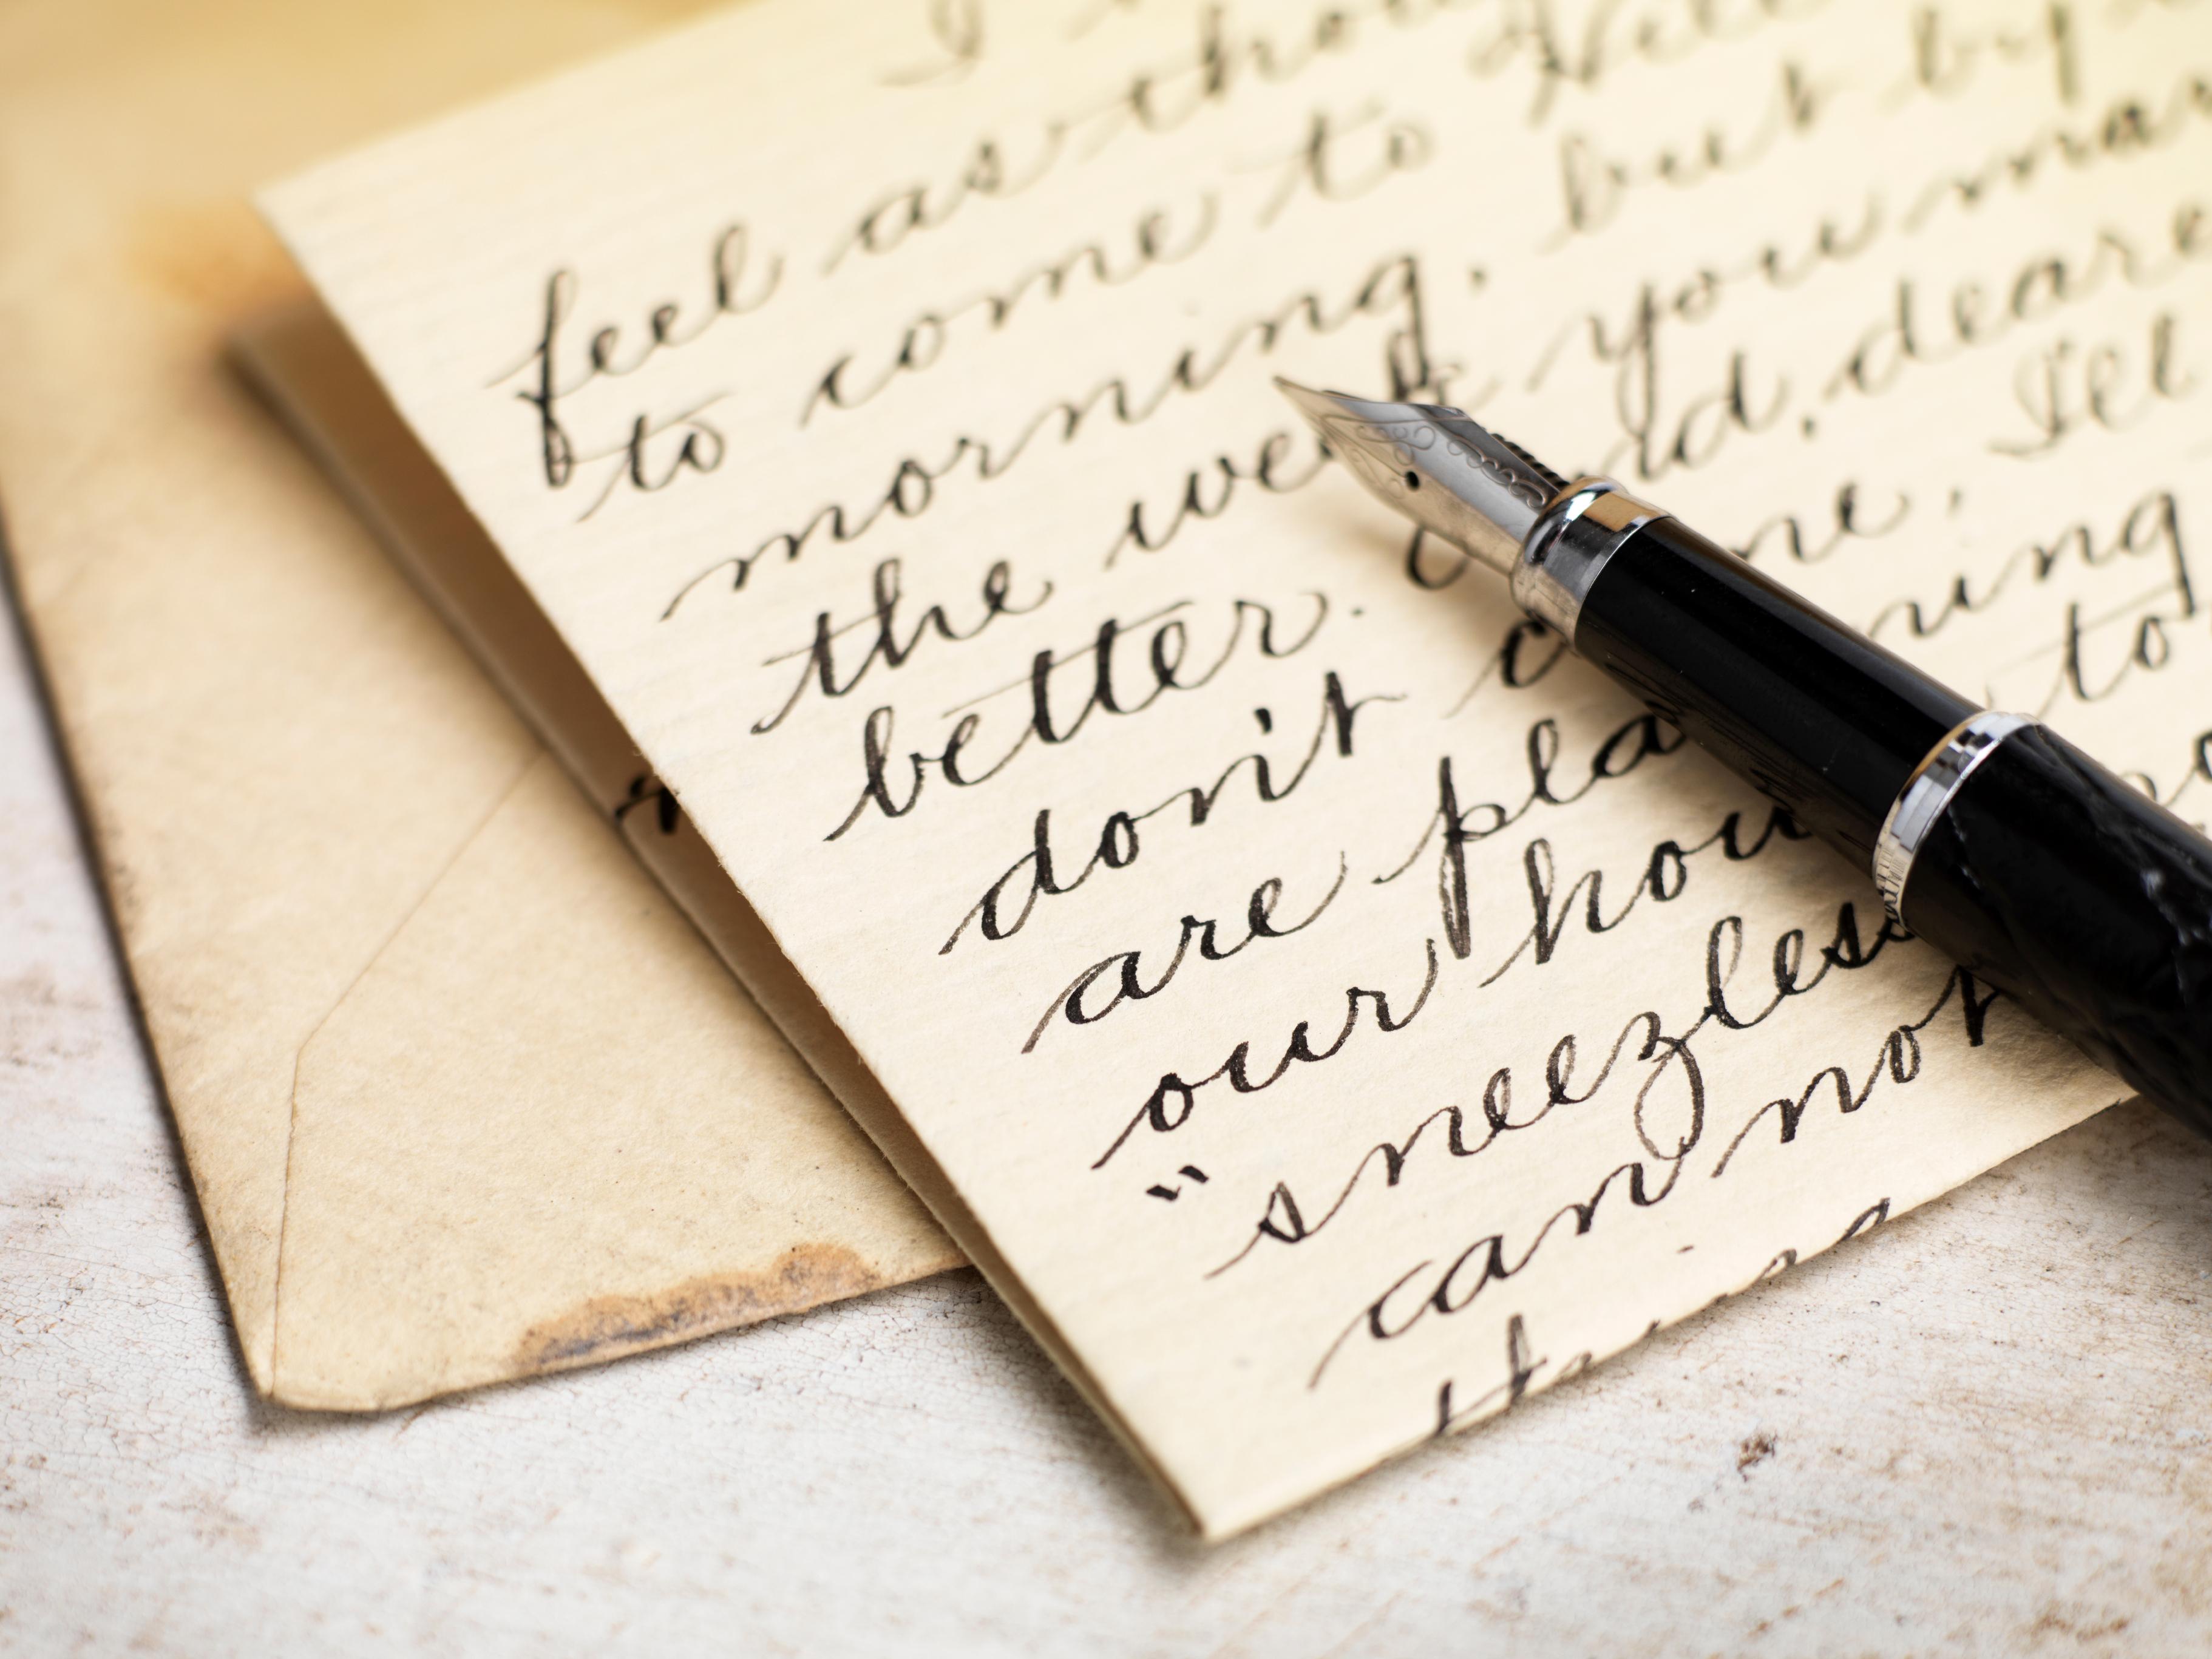 <p>Ето и една норвежка традиция за Деня на влюбените, датираща от 18 век. Тайните обожатели пишат поеми на своите любими, след това изрязват различни фигурки в хартията и слагат вътре кокиче. За финал влюбените се подписват с по една точка за всяка буква от името си. Ако отсрещната страна разгадае от кого е писмото, тя печели великденско яйце за Великден от обожателя си, а ако не&hellip; тя трябва да подари яйце.</p>